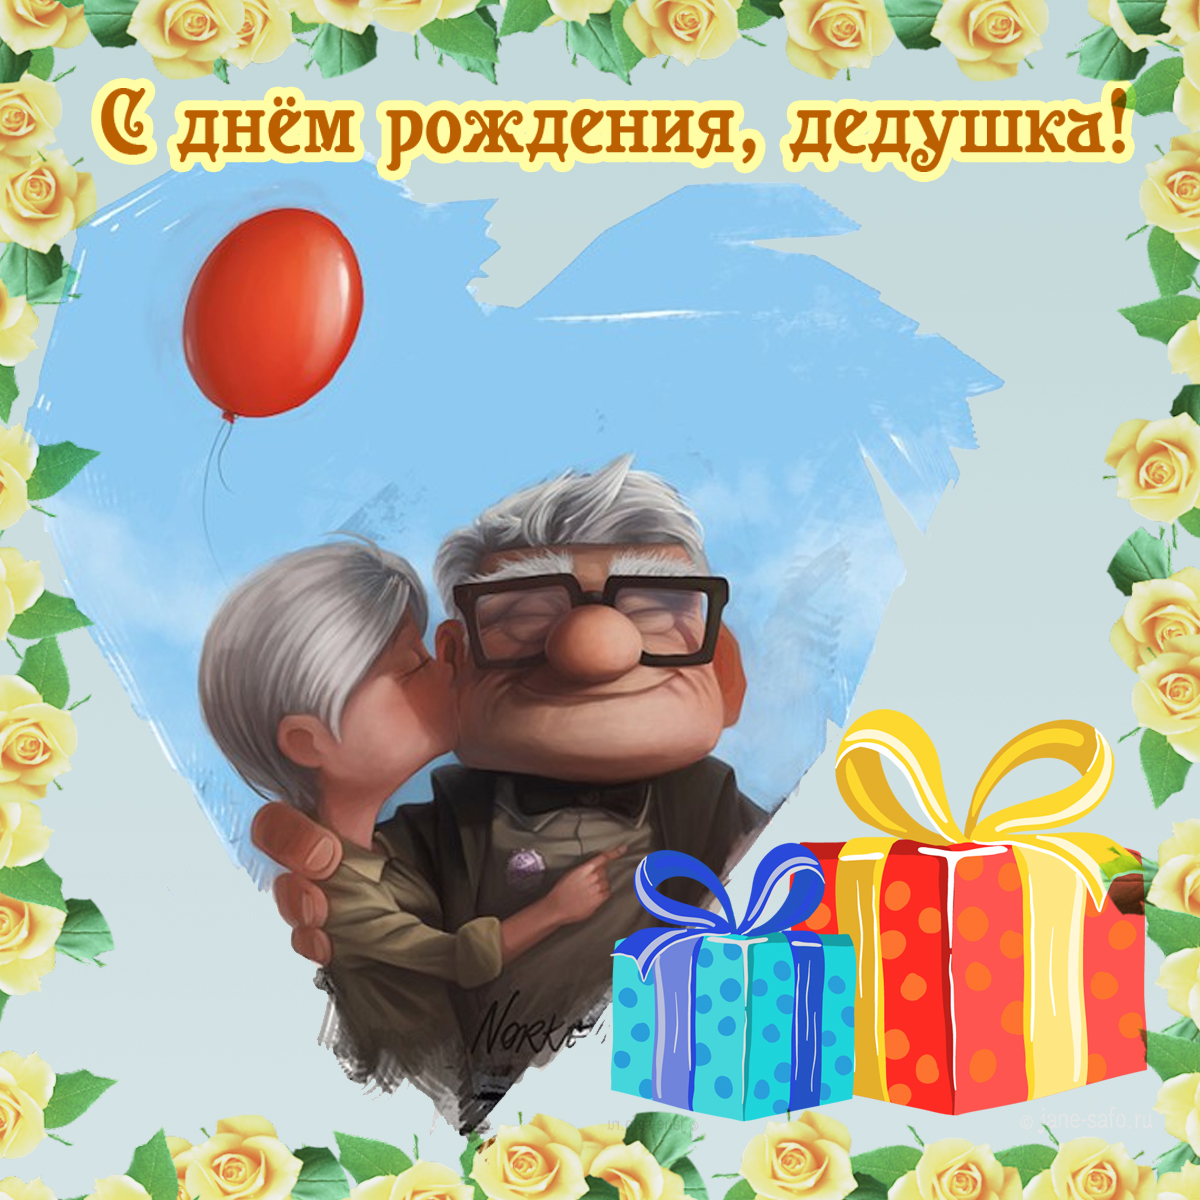 Красивое поздравление с юбилеем любимому дедушке фото 21